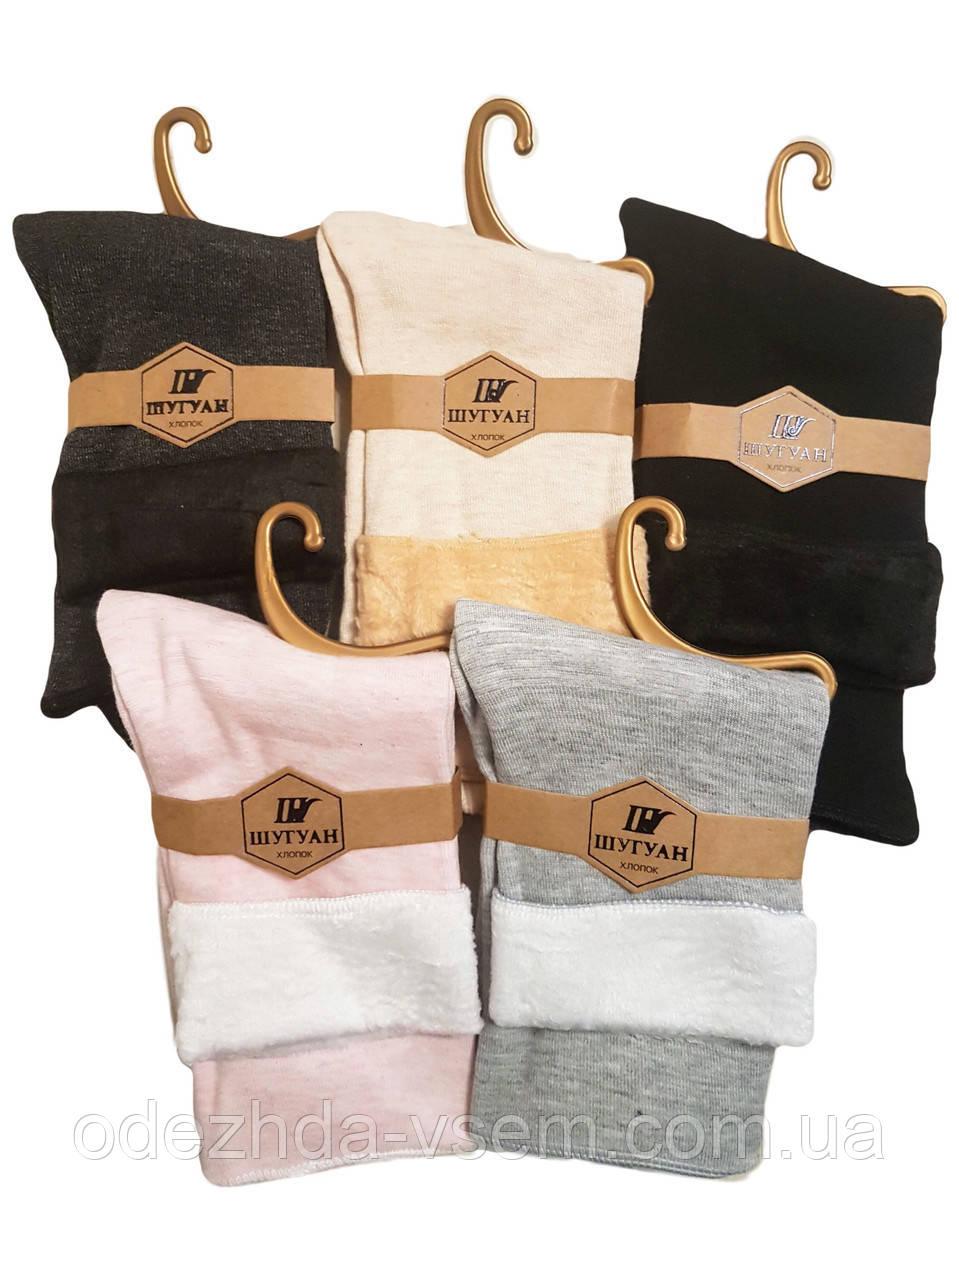 Шкарпетки На хутрі Унісекс 36-41